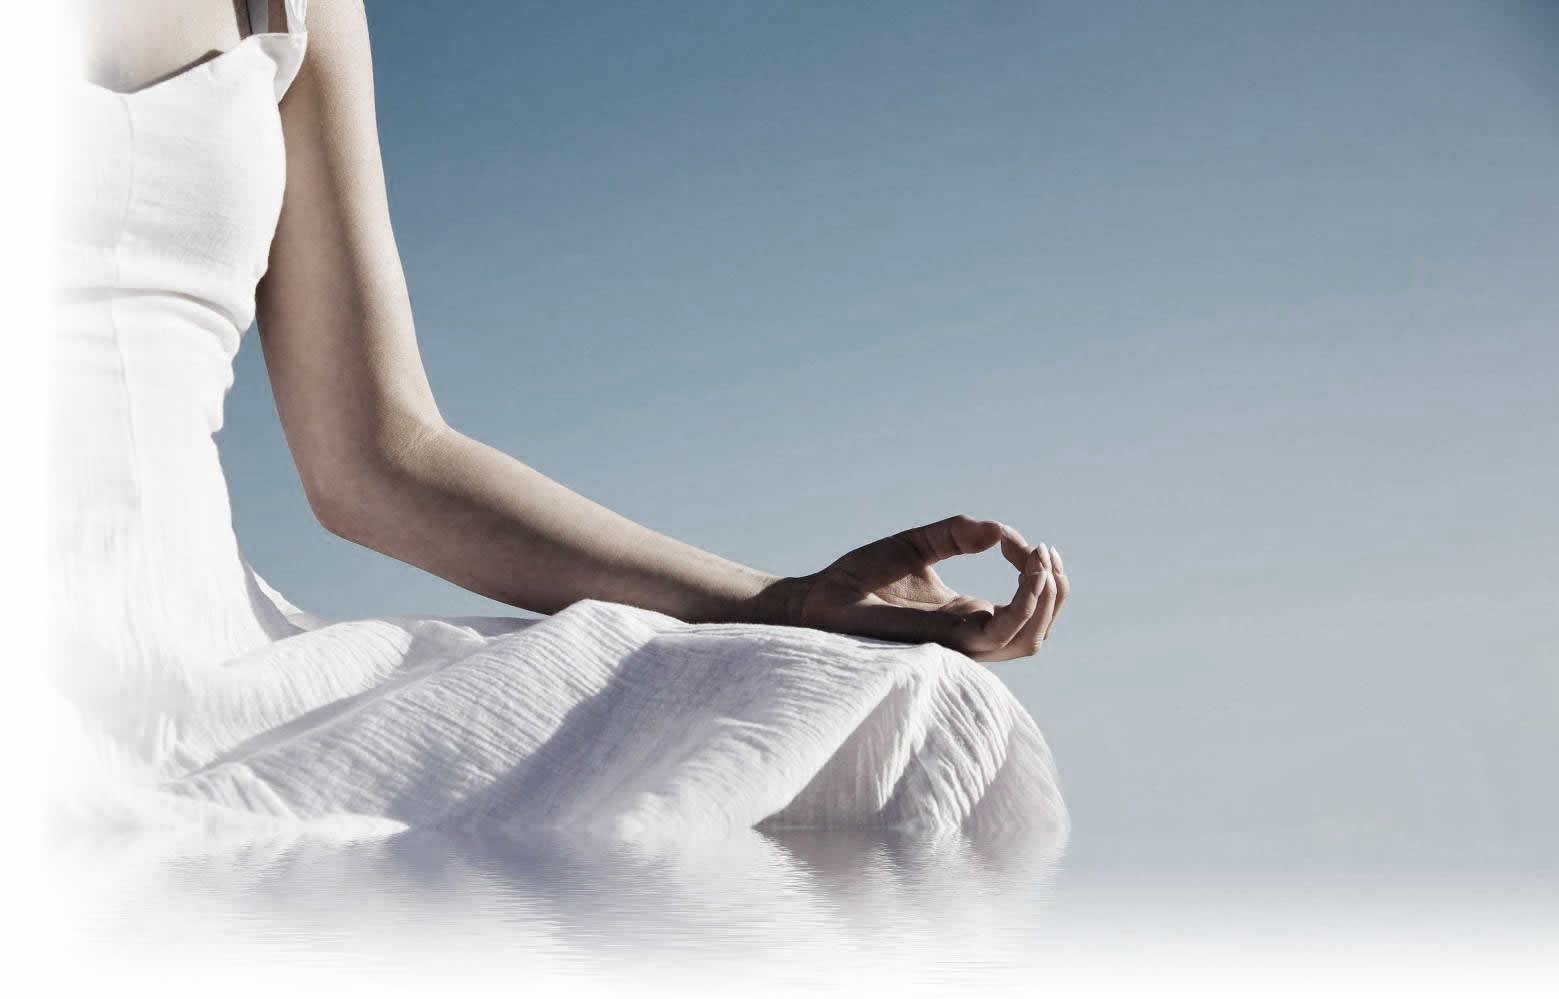 corso di meditazione online accademia di meditazione online gotam